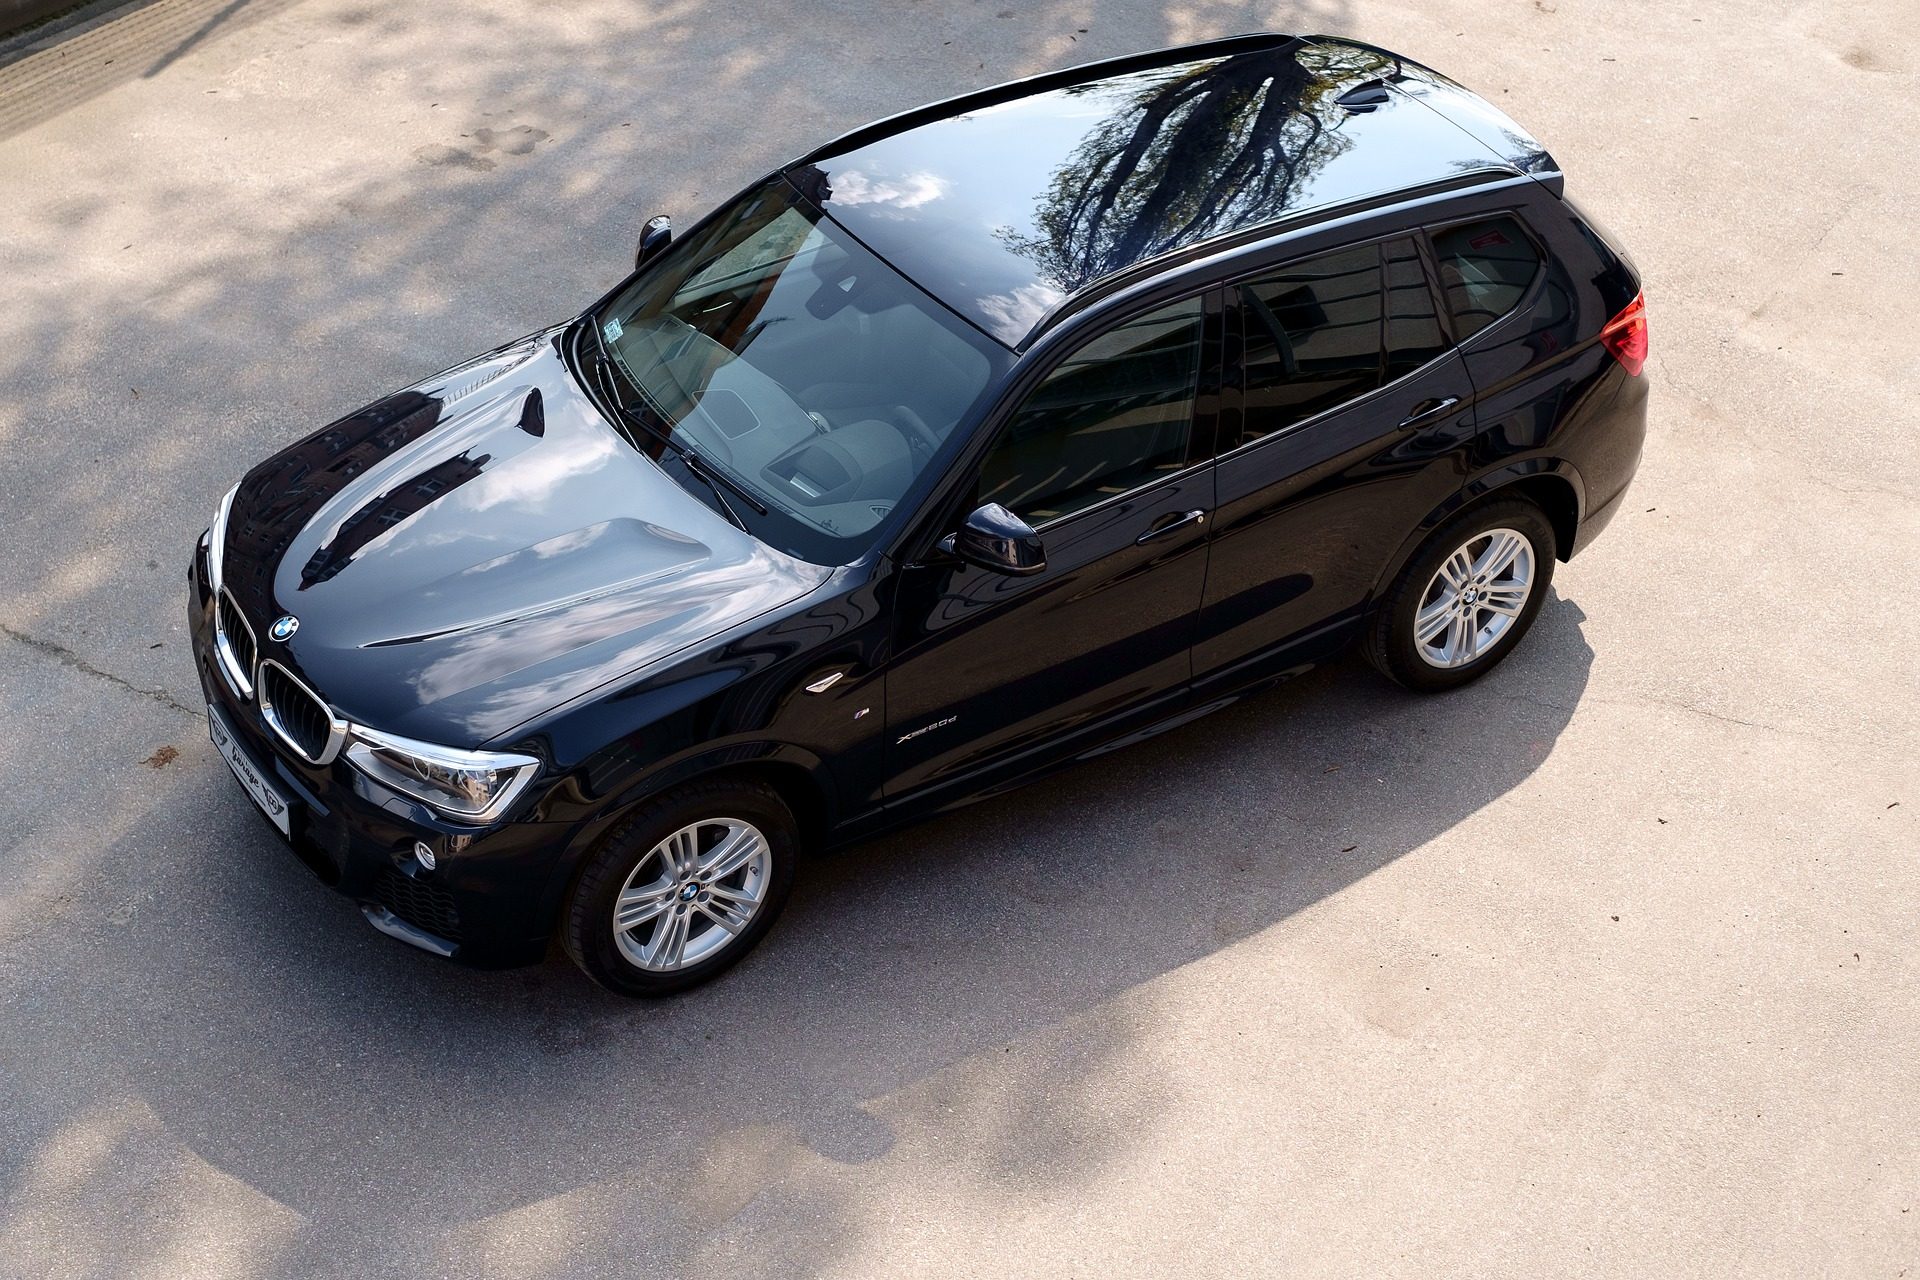 Foto de um carro preto brilhando visto do alto. Imagem ilustrativa para o texto lavar carro com pouca água.